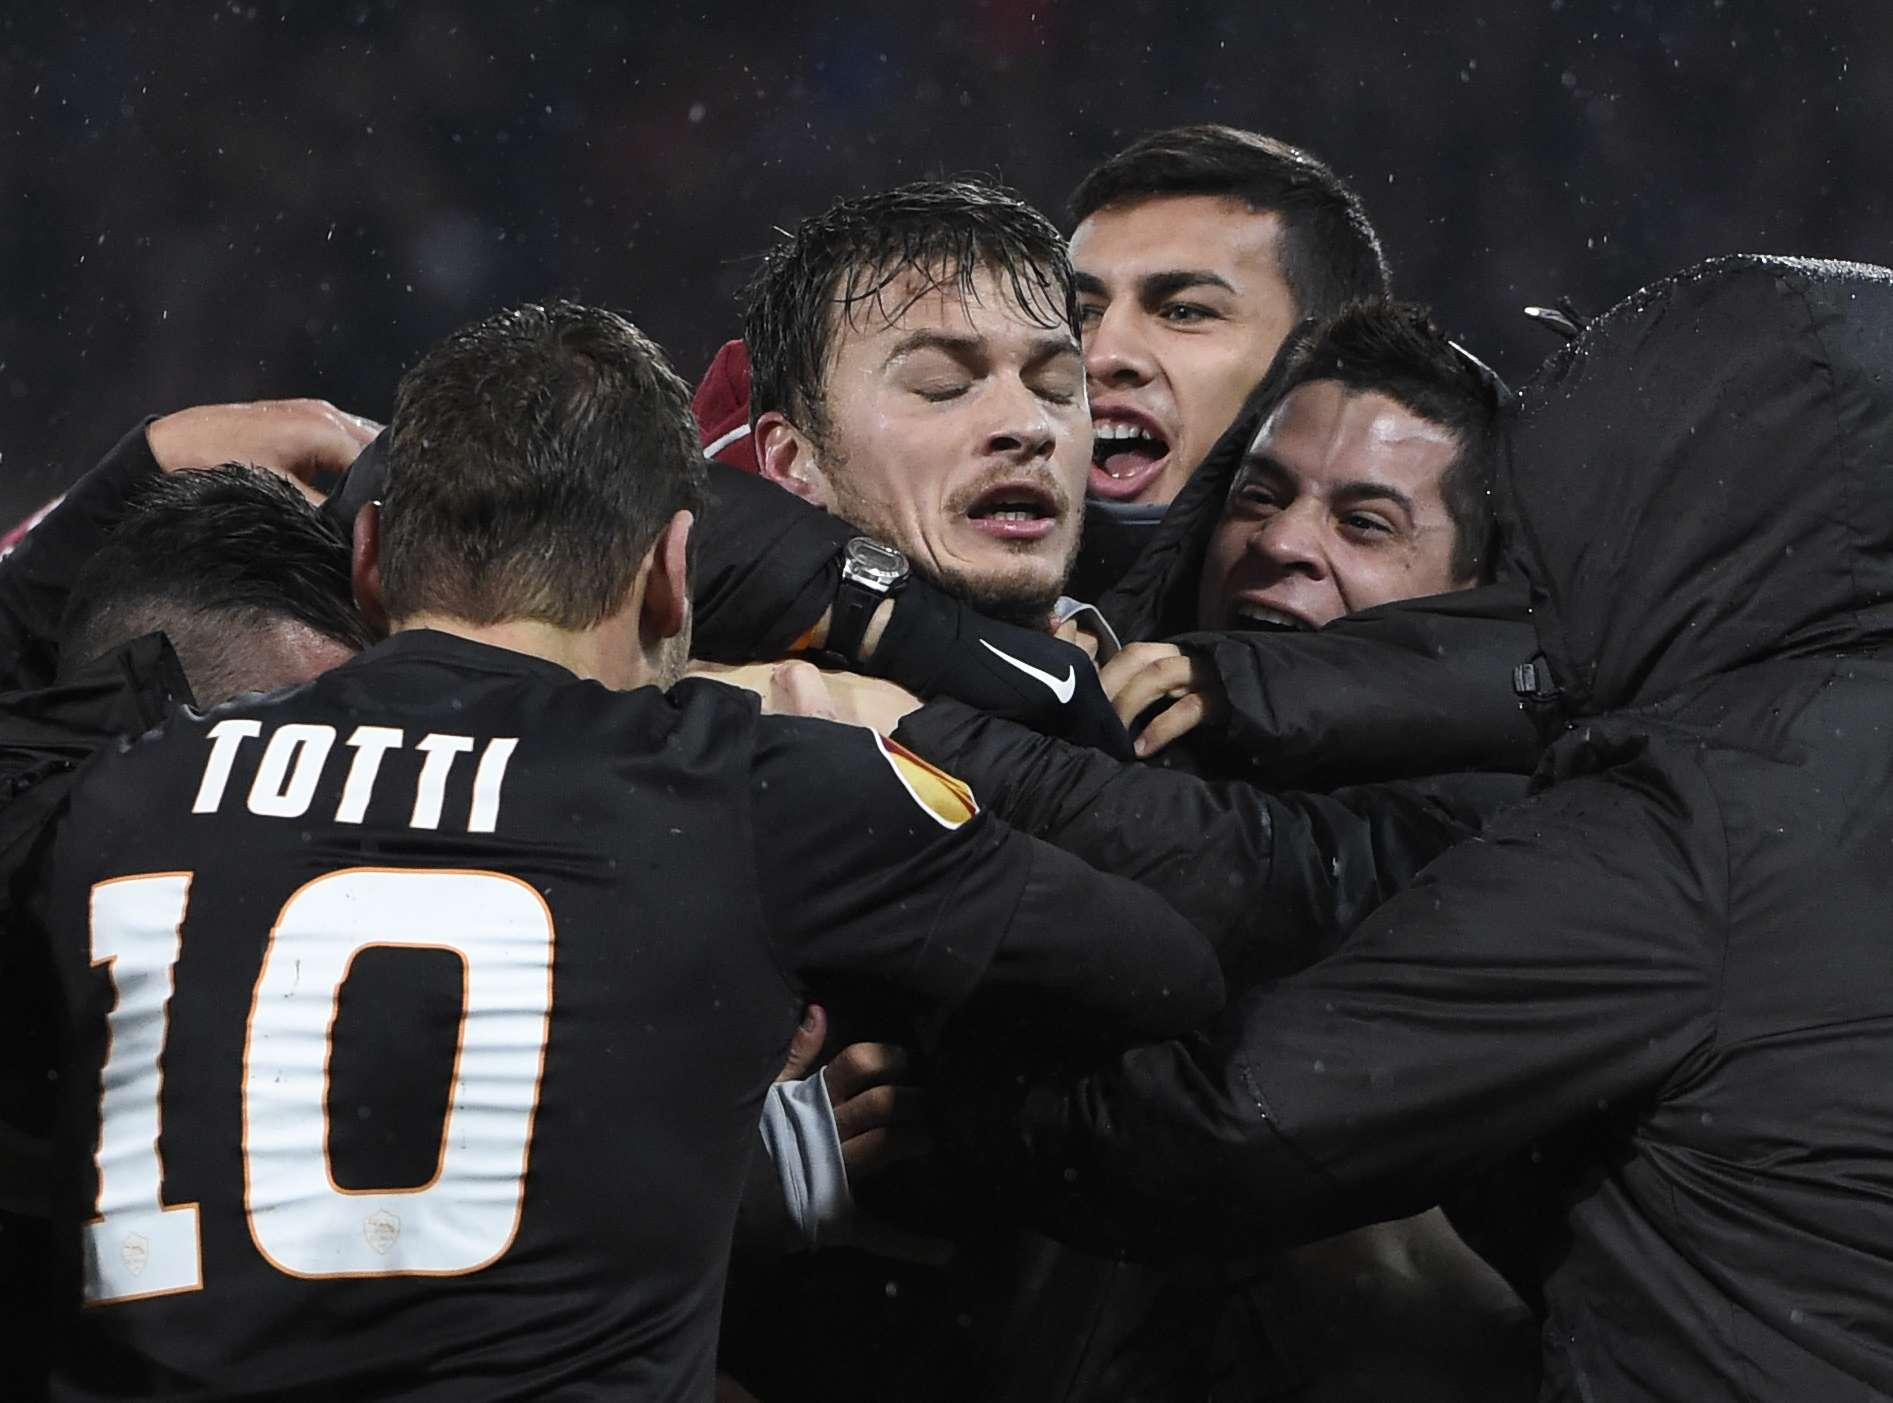 La Roma sacó un gran triunfo en su visita a Holanda en un difícil duelo ante Feyenoord. Foto: AFP